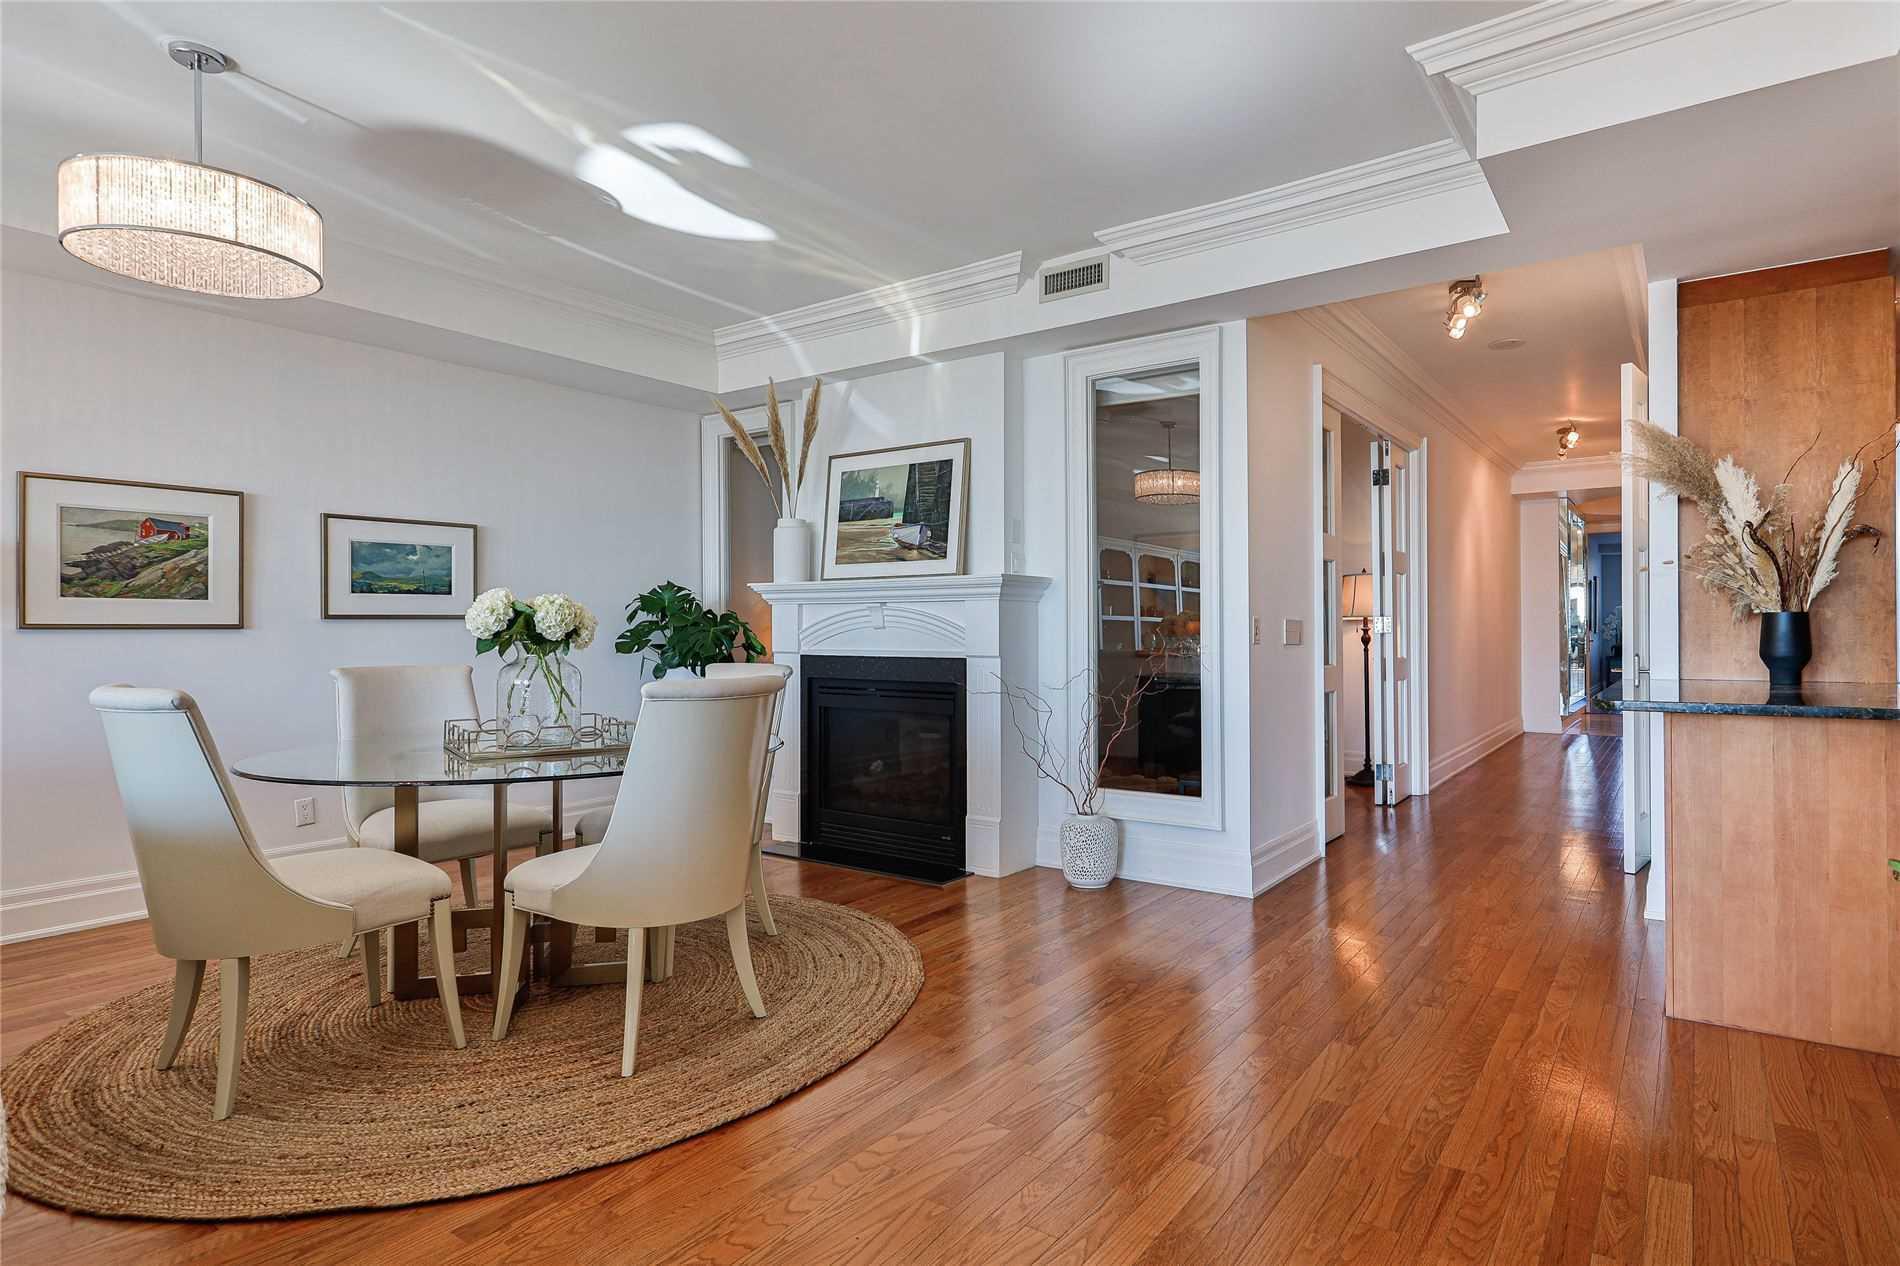 317 - 2095 Lake Shore Blvd W - Mimico Condo Apt for sale, 2 Bedrooms (W5369727) - #7